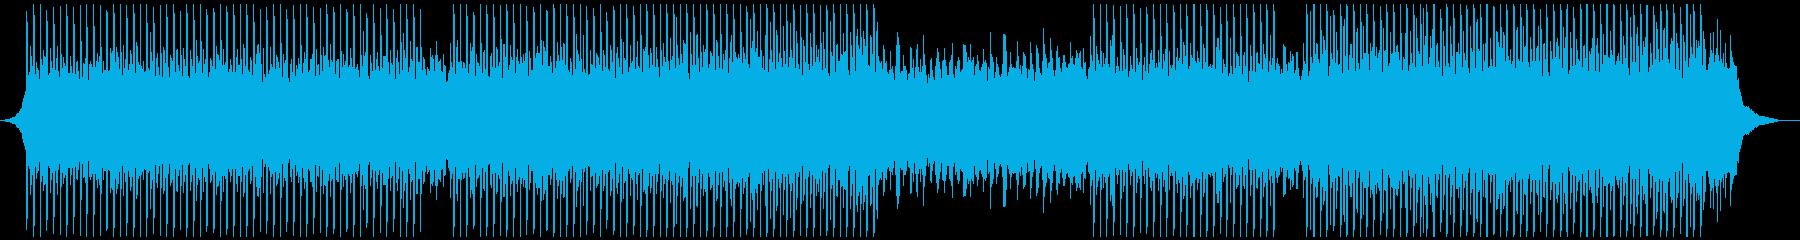 コーポレートビデオの再生済みの波形